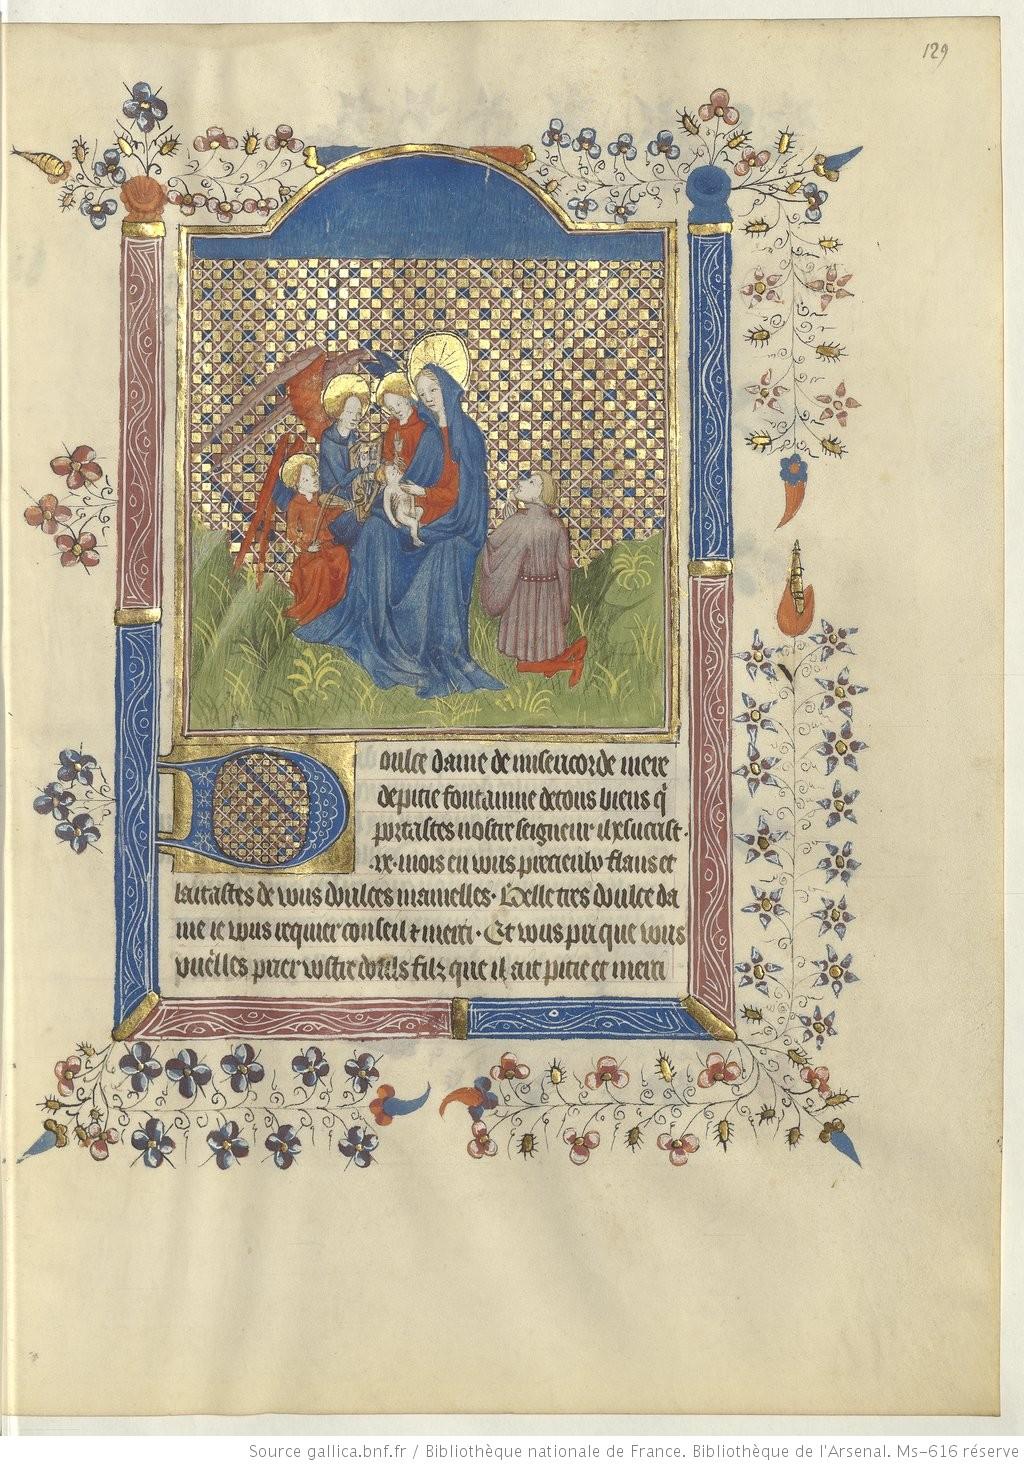 Livre d'heures a l'usage de Rennes, 1420, Arsenal Ms-616 fol 129r